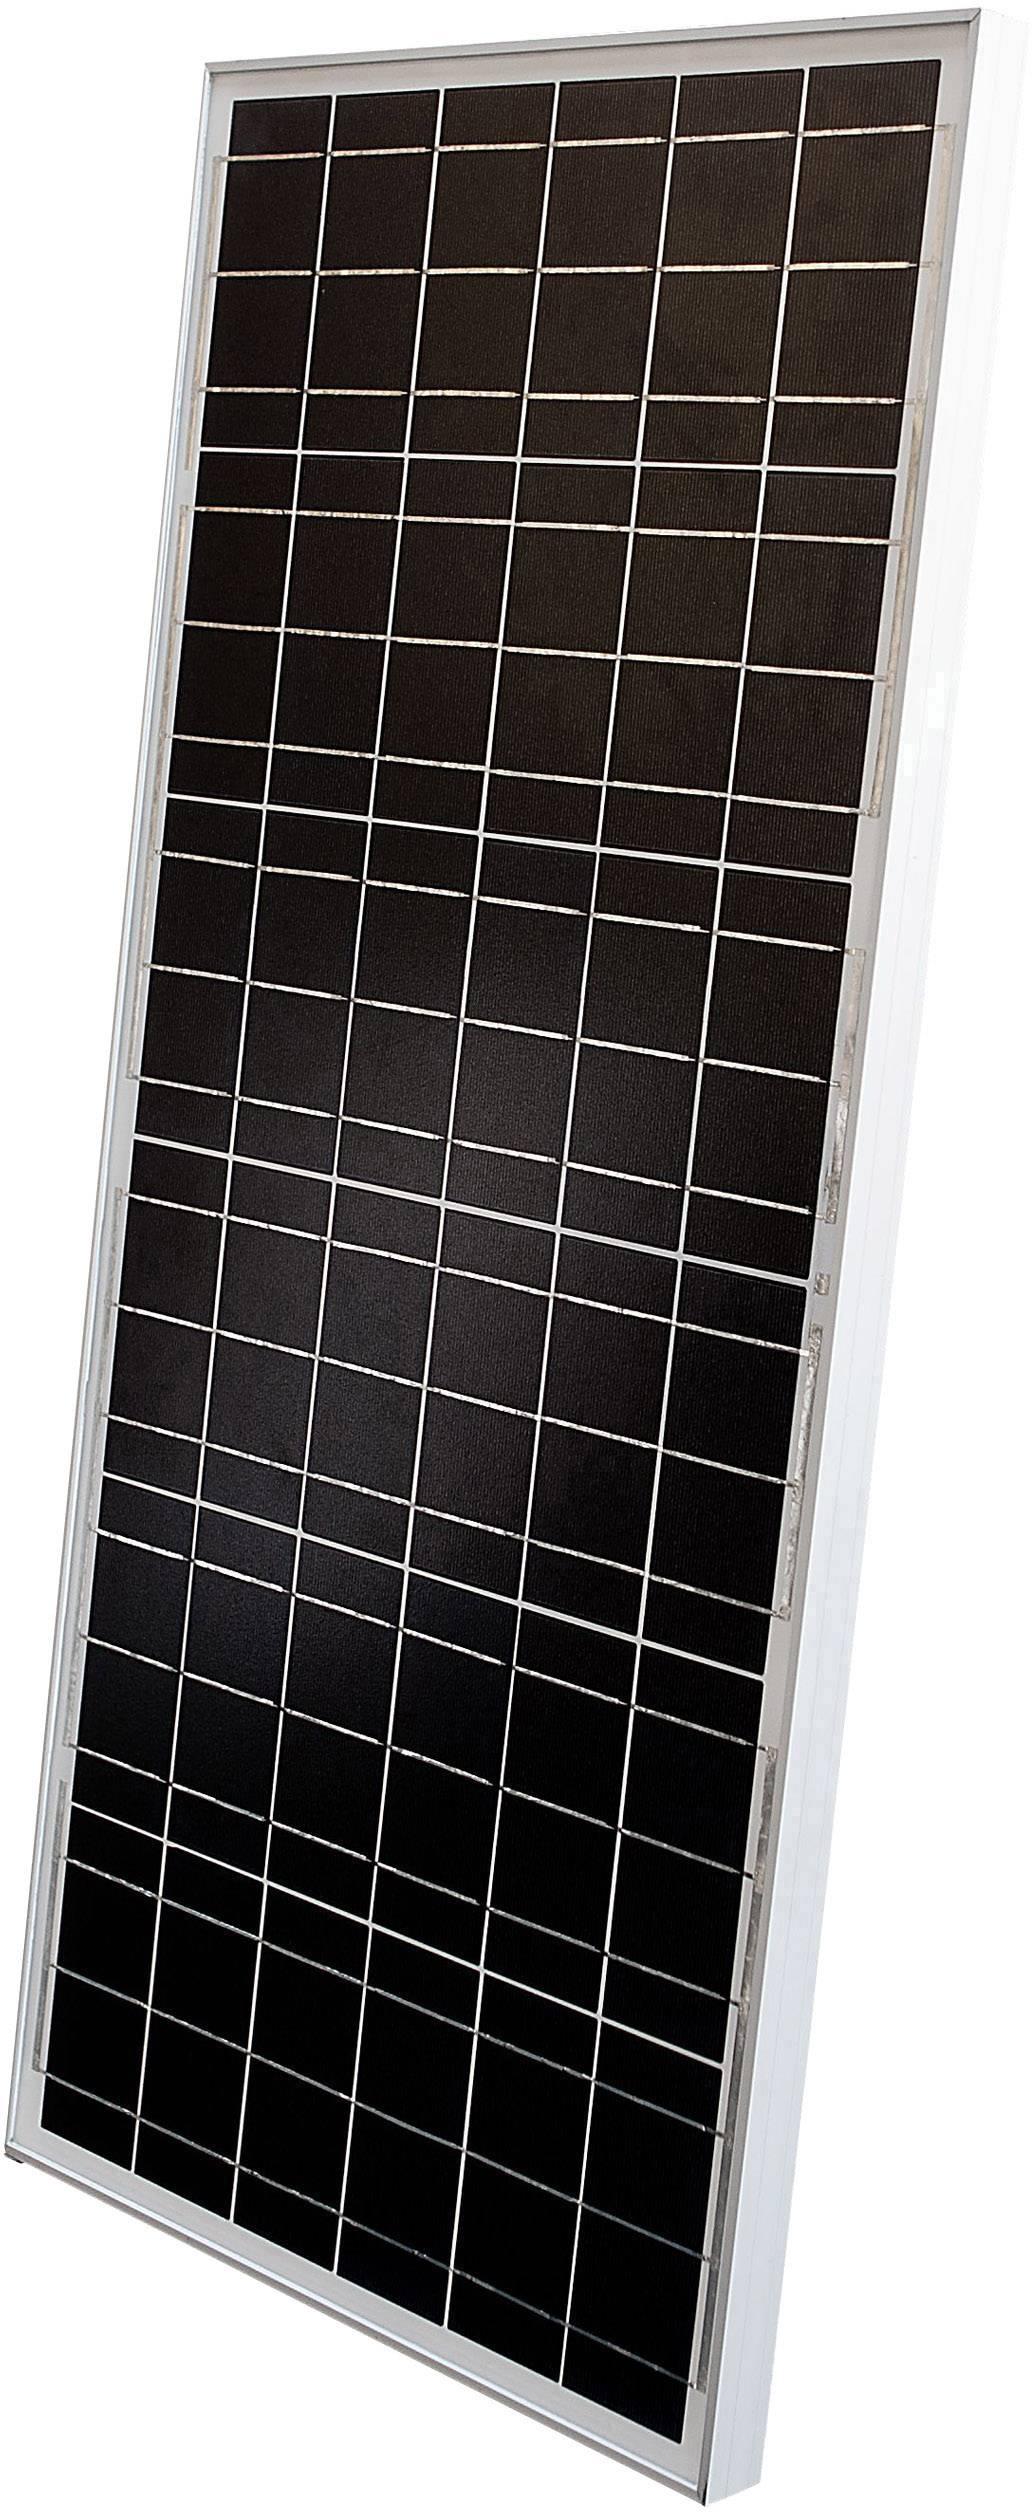 Polykryštalický solárny panel Sunset PX 65 S, 3950 mA, 65 Wp, 12 V